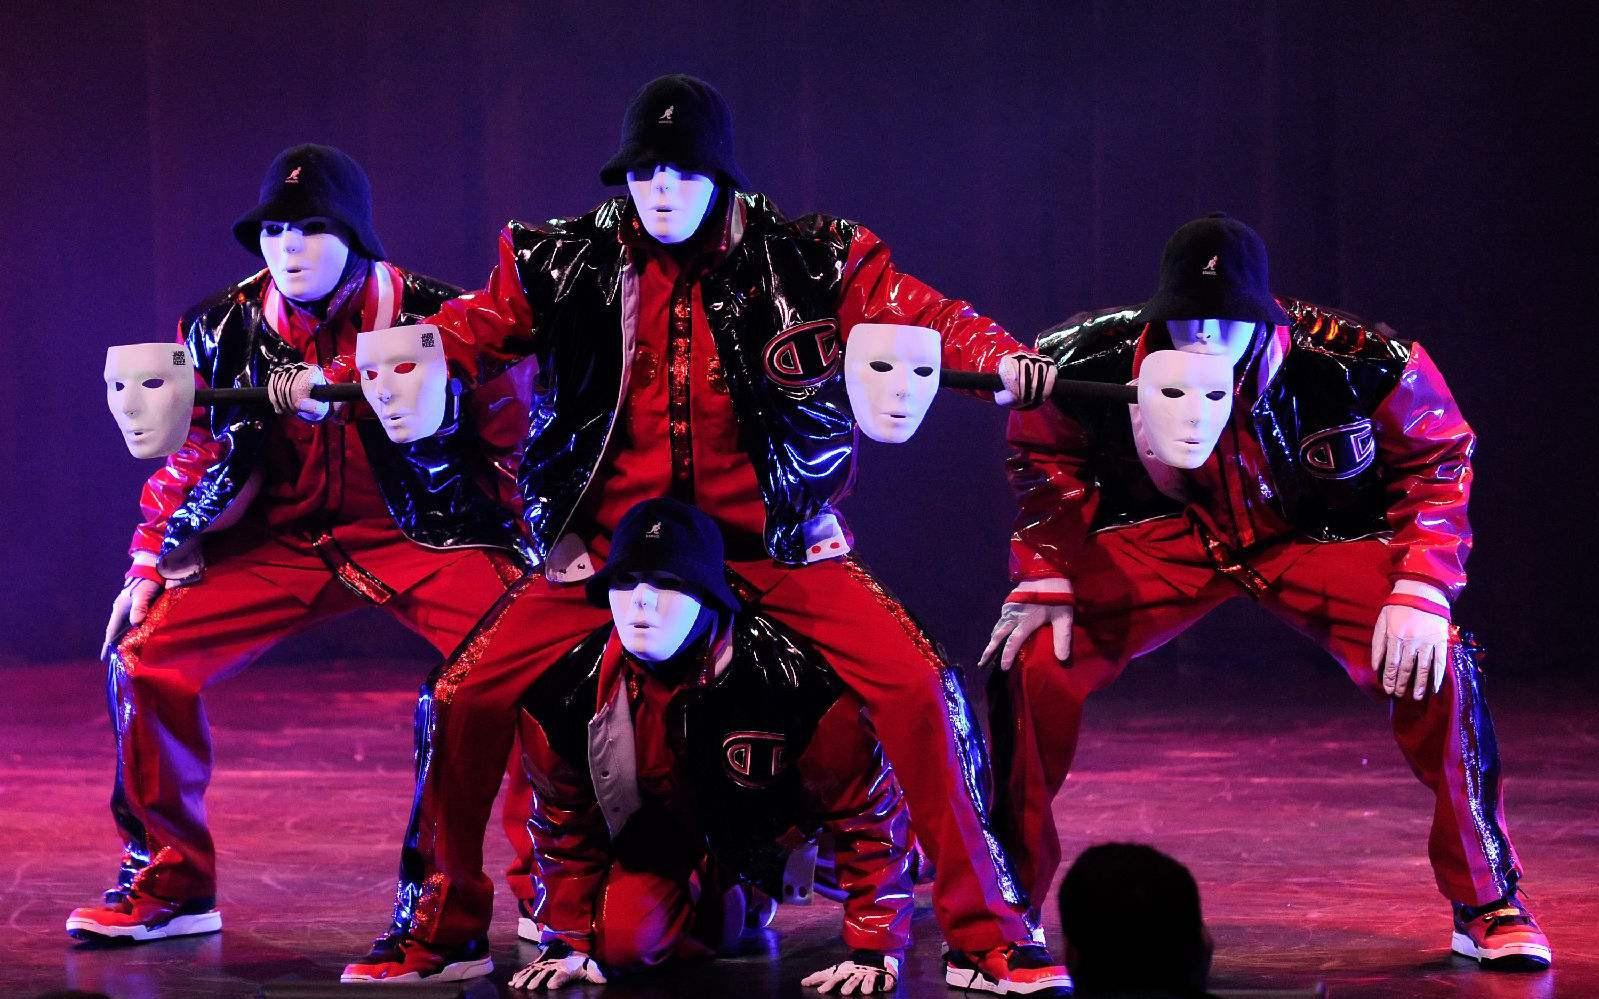 求北京ck舞团popin教学的所有音乐连结